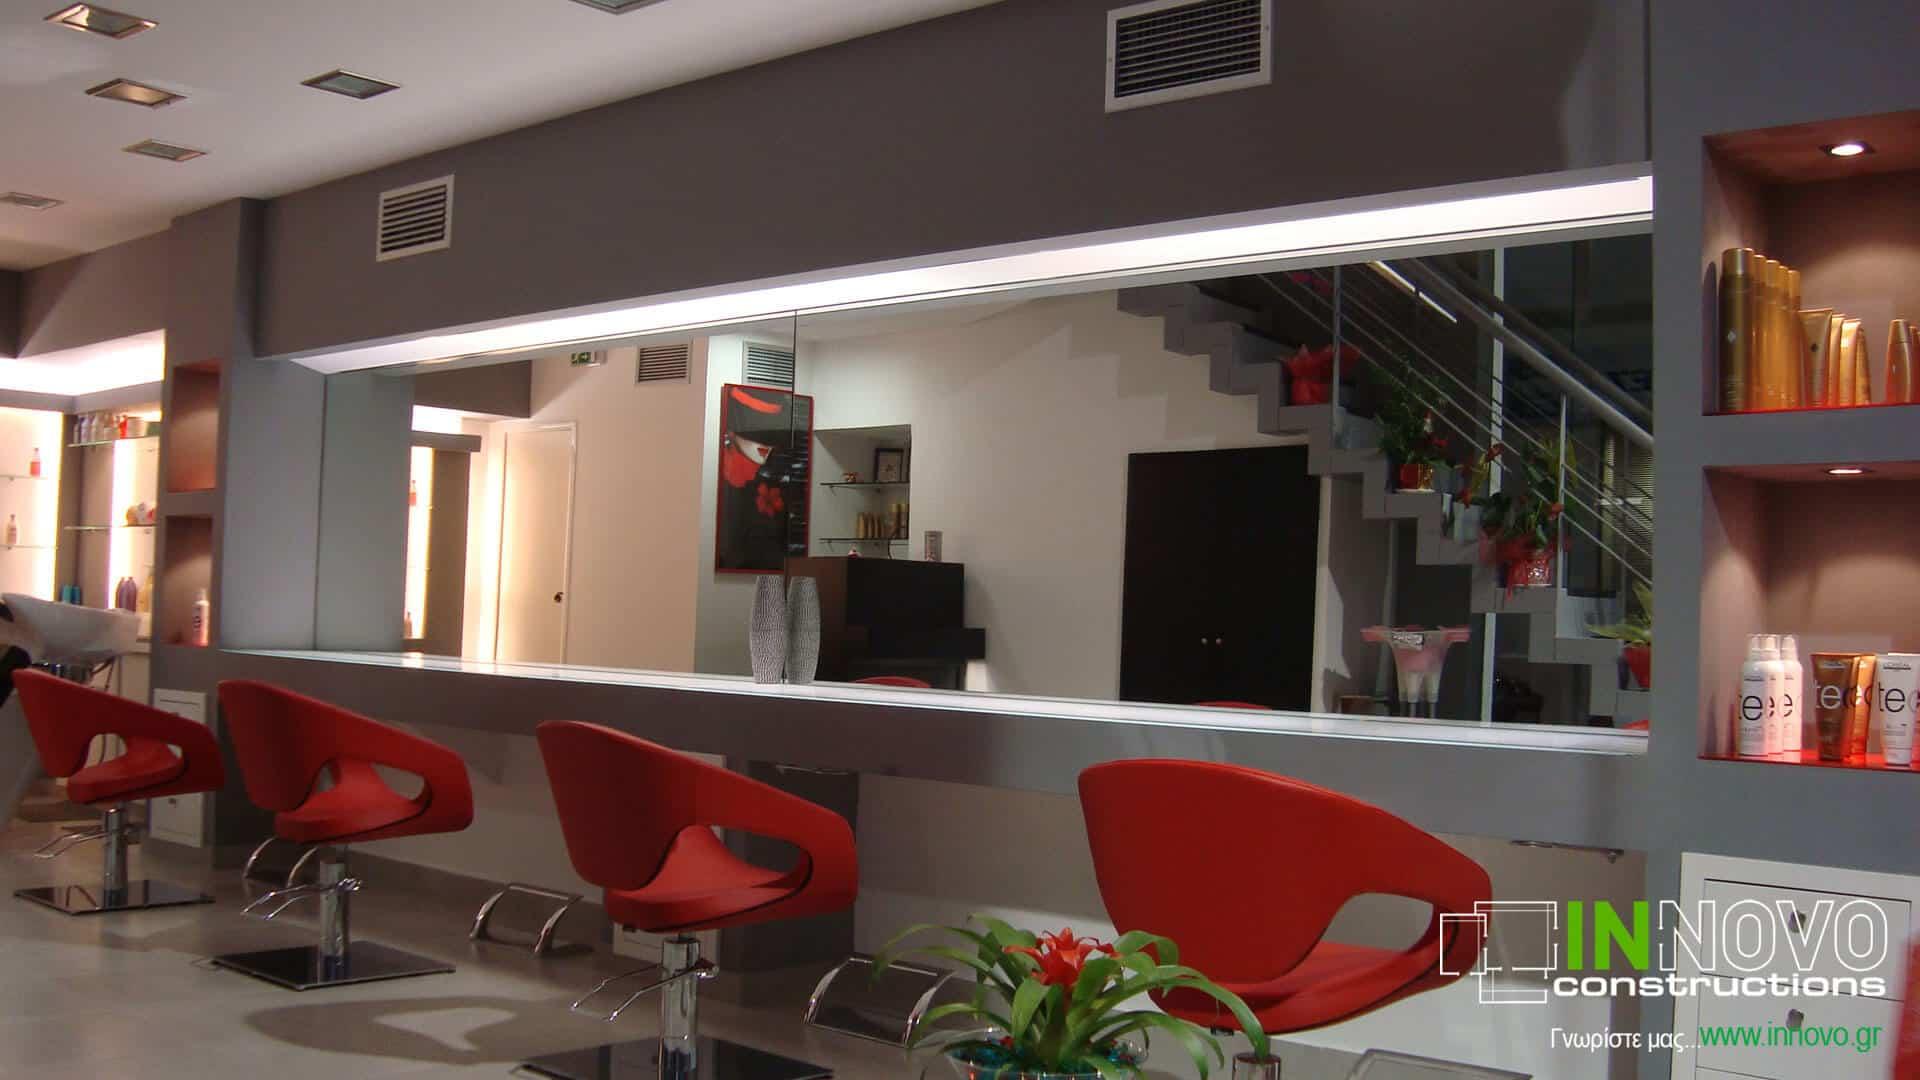 diakosmisi-kommotiriou-hairdressers-design-kommotirio-nafplio-1071-25